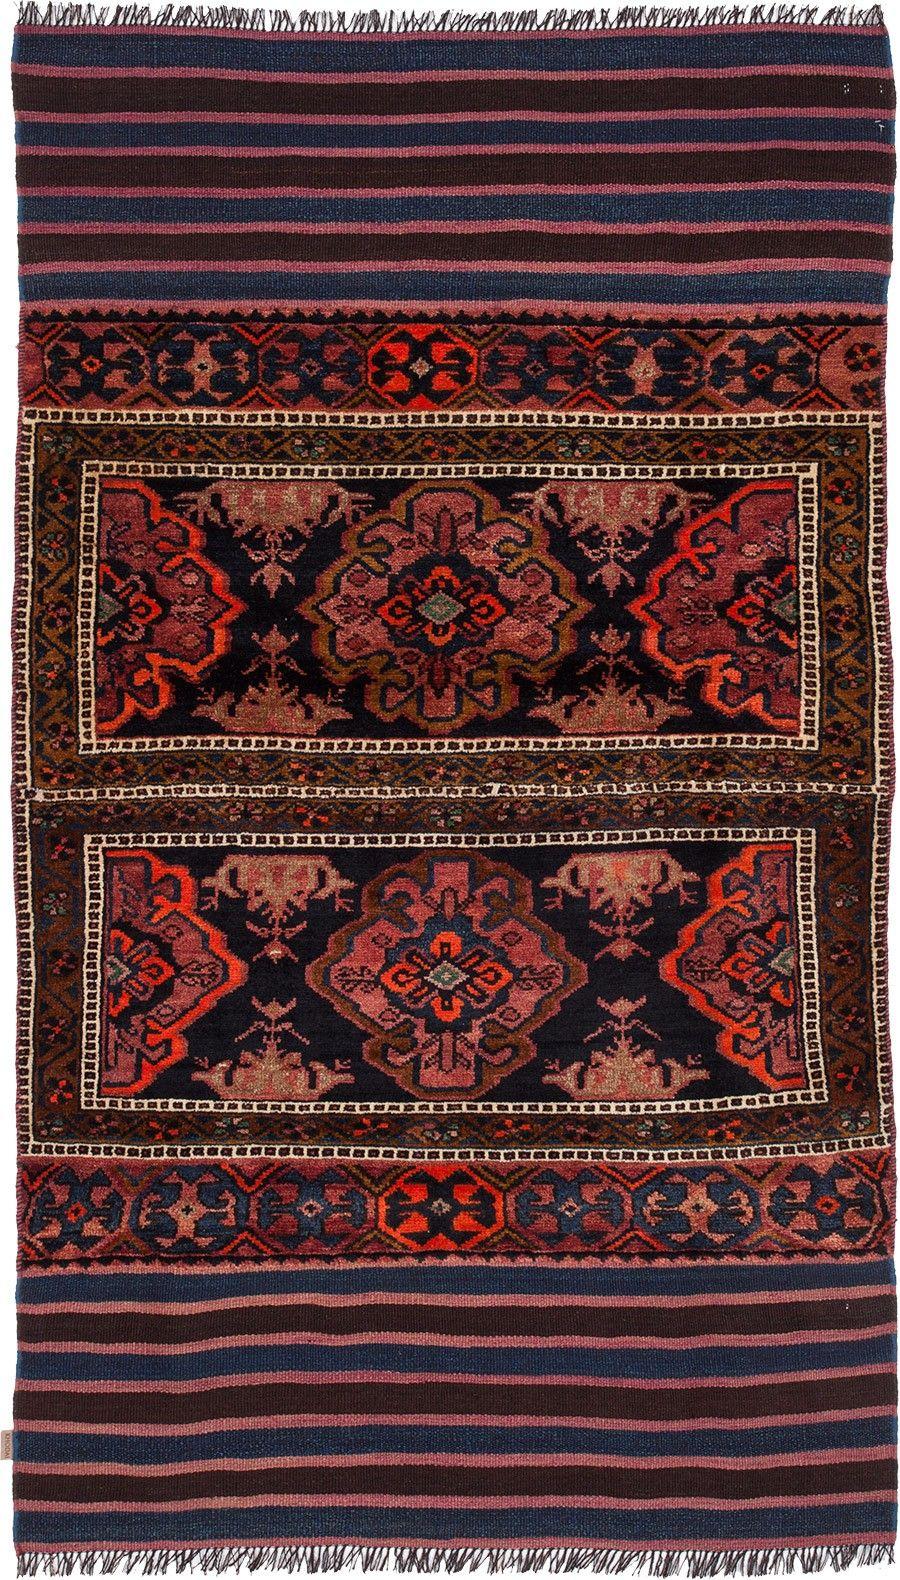 Handgewebter Kelim Teppich Im Traditionellen Geometrischen Muster In Weiß Orange Rot Blau Und Schwarz Für Dein Wohnz In 2020 Teppich Wandteppich Klassische Teppiche